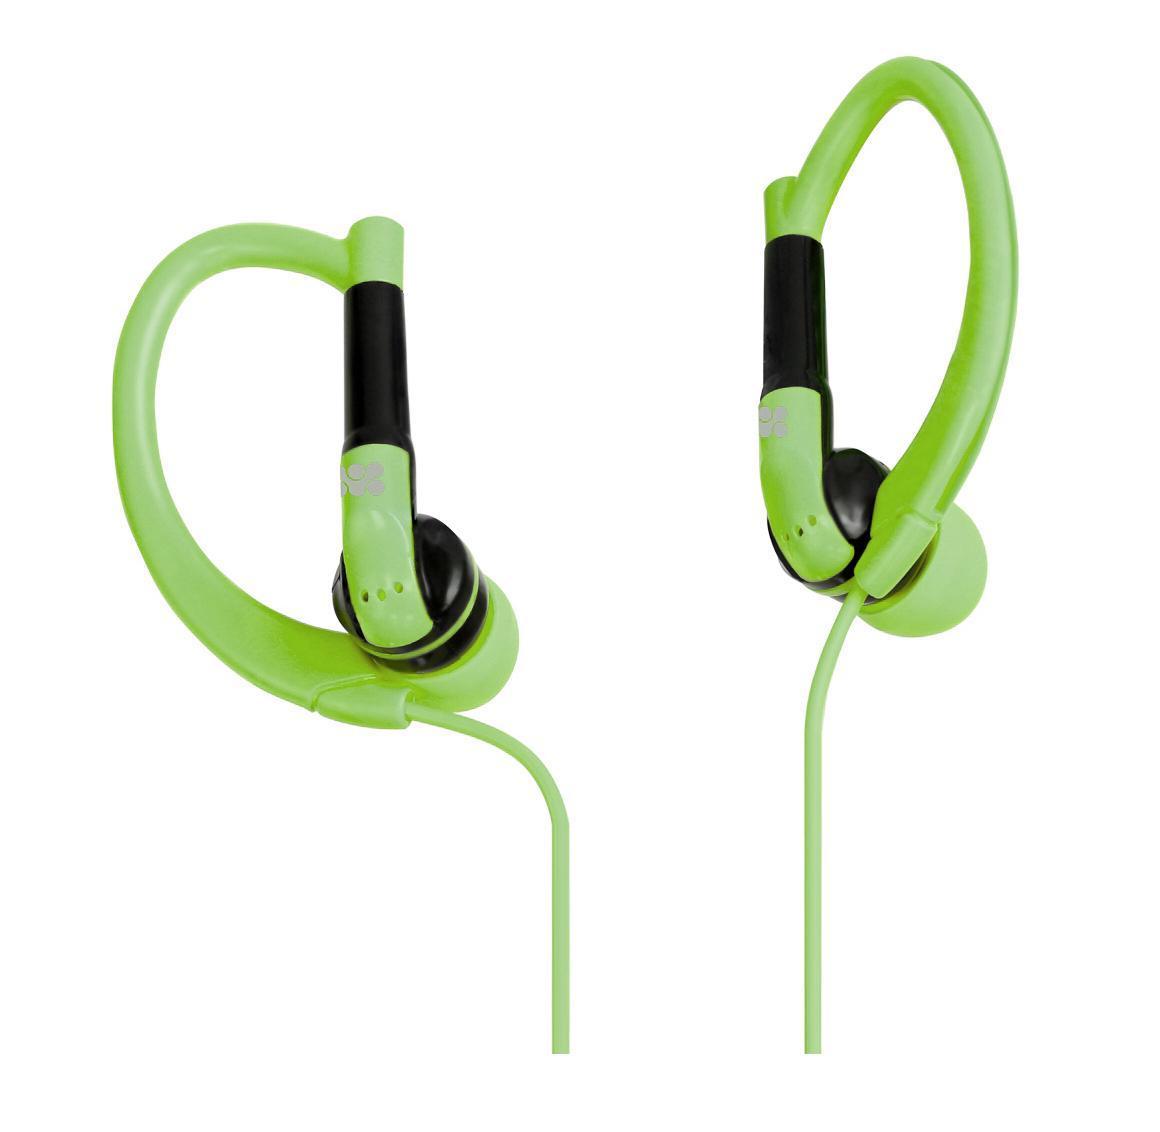 Promate Gaudy, Green наушники00007443Подсоедините свой смартфон абсолютно новым образом с новыми наушниками Gaudy. Эти наушники специально разработаны для людей, ведущих активный образ жизни. Маленькие, но мощные - динамики дают чистый и полный звук. Четыре фута (1,2 метра) провода, встроенный микрофон и универсальная кнопка управления вызовами, а также совместимость со всеми аудио устройствами, имеющими аудио выход 3,5 мм- делают его незаменимым помощником на каждый день!